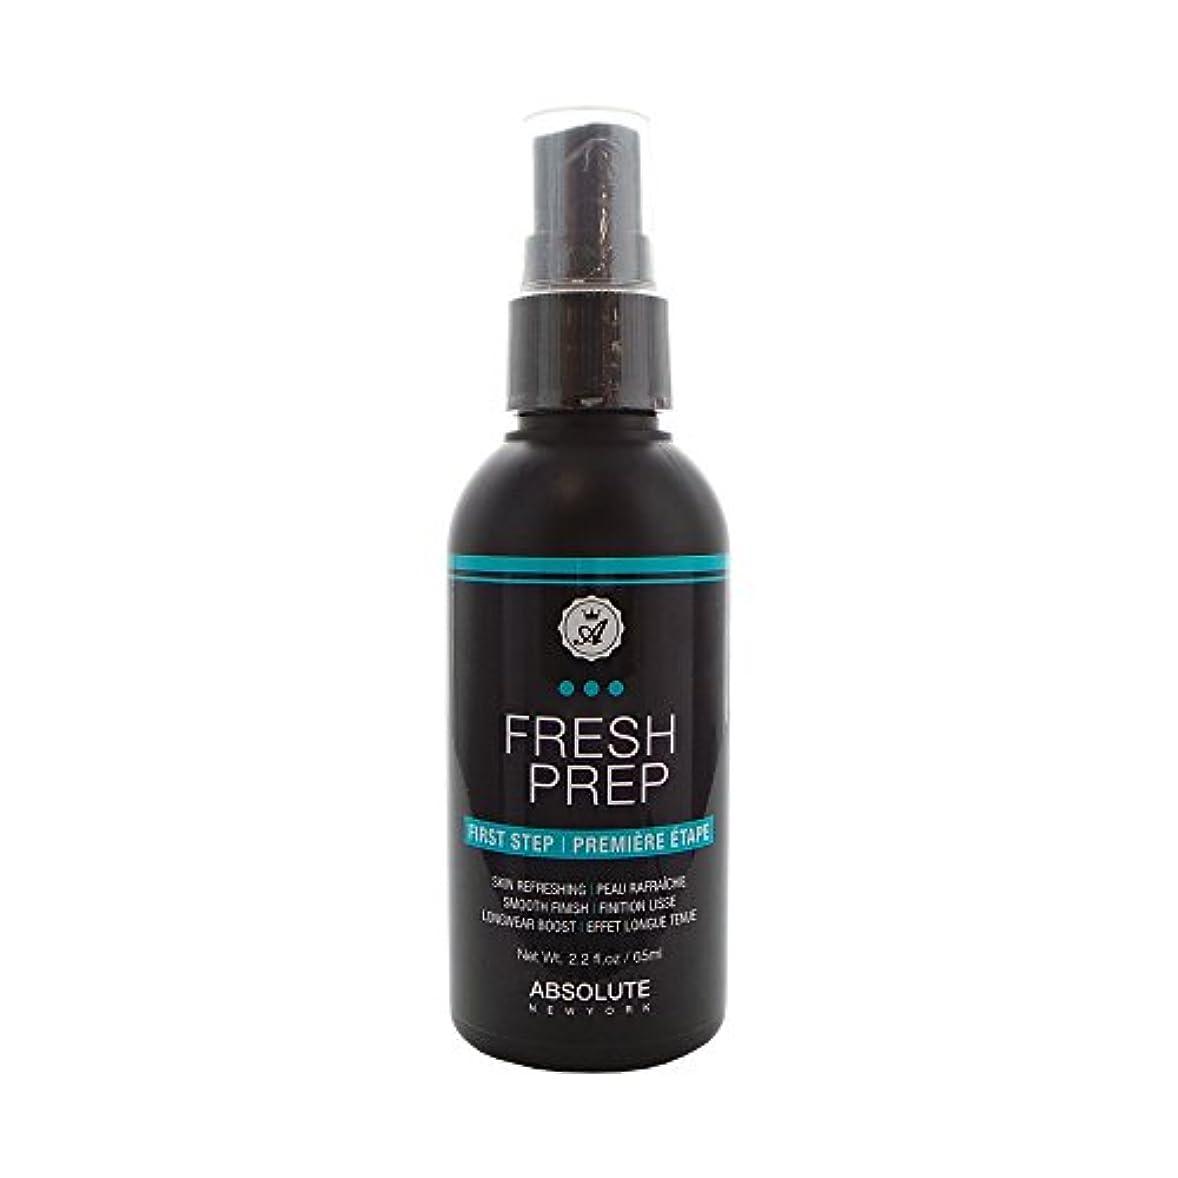 ハイライト芝生調和のとれた(3 Pack) ABSOLUTE Fresh Prep Primer Spray (並行輸入品)